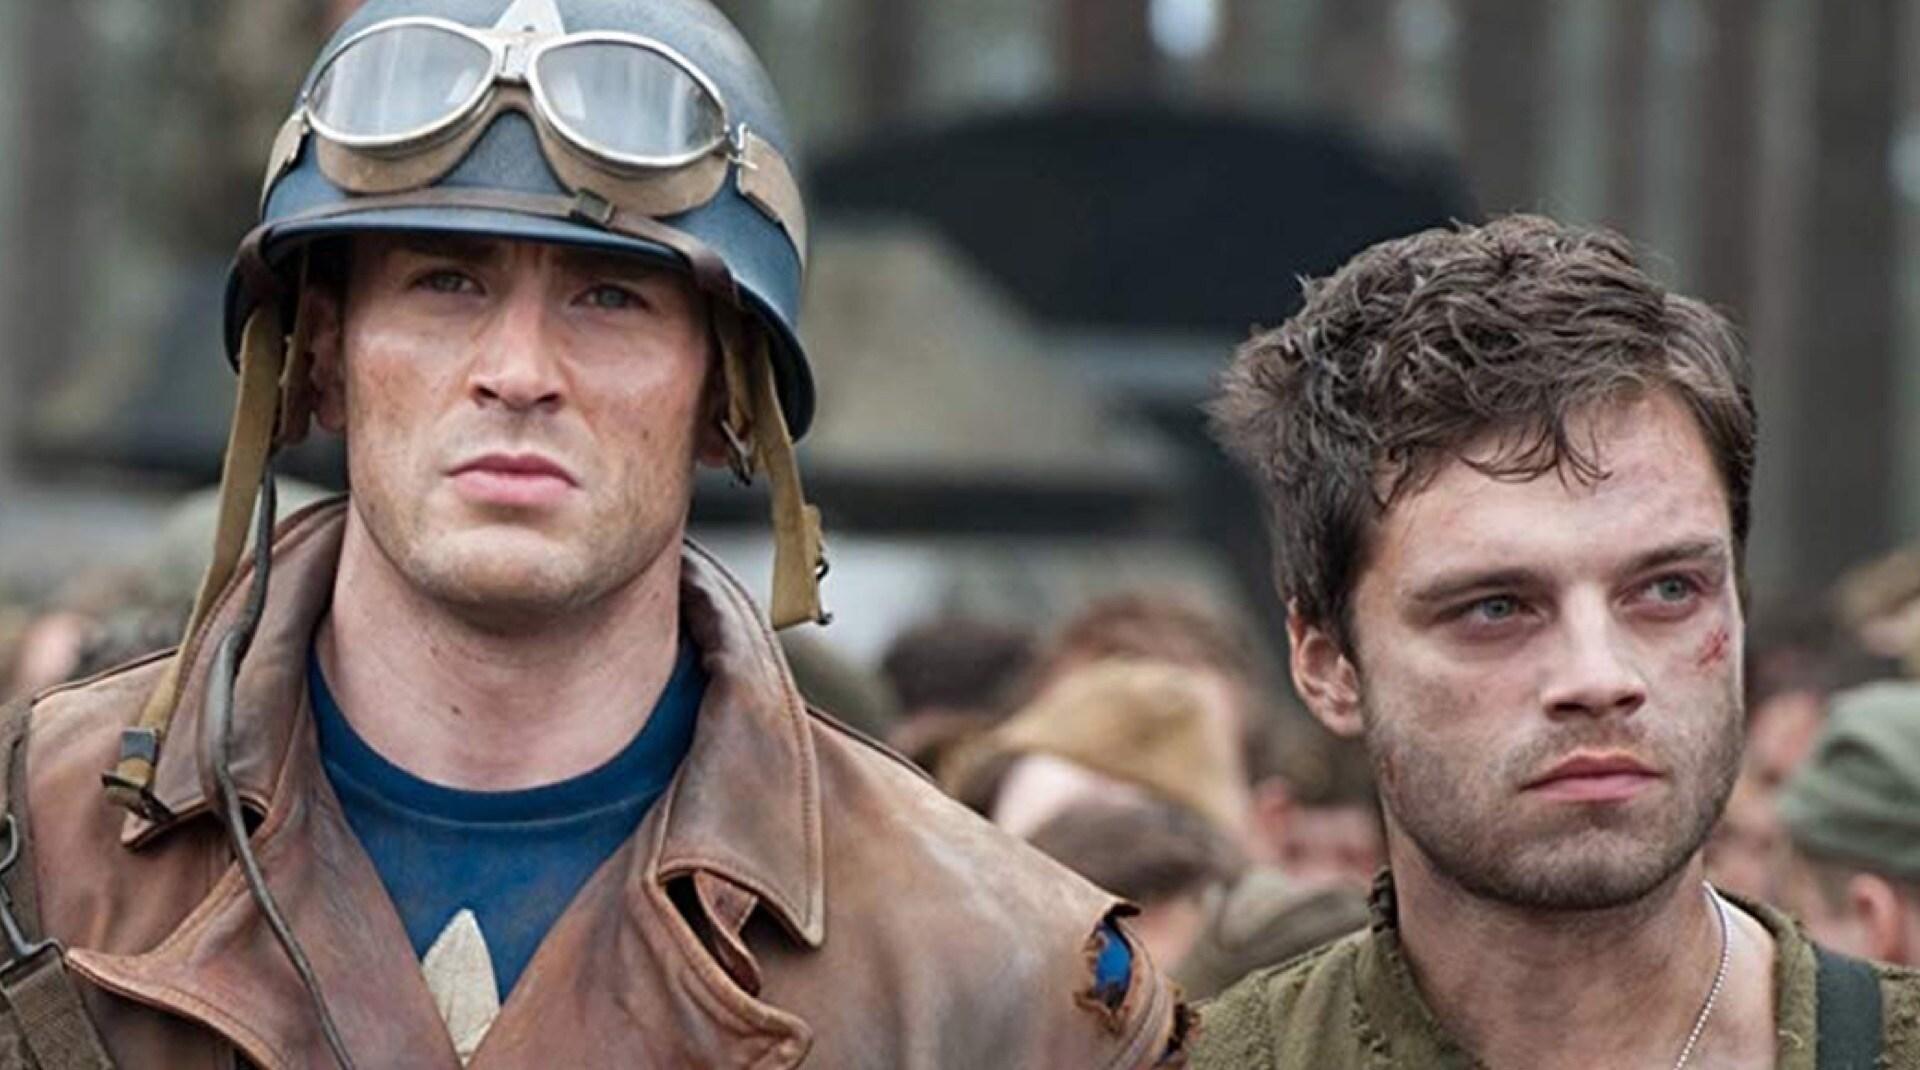 Una imagen del Capitán América y Bucky Barnes de Capitán América.